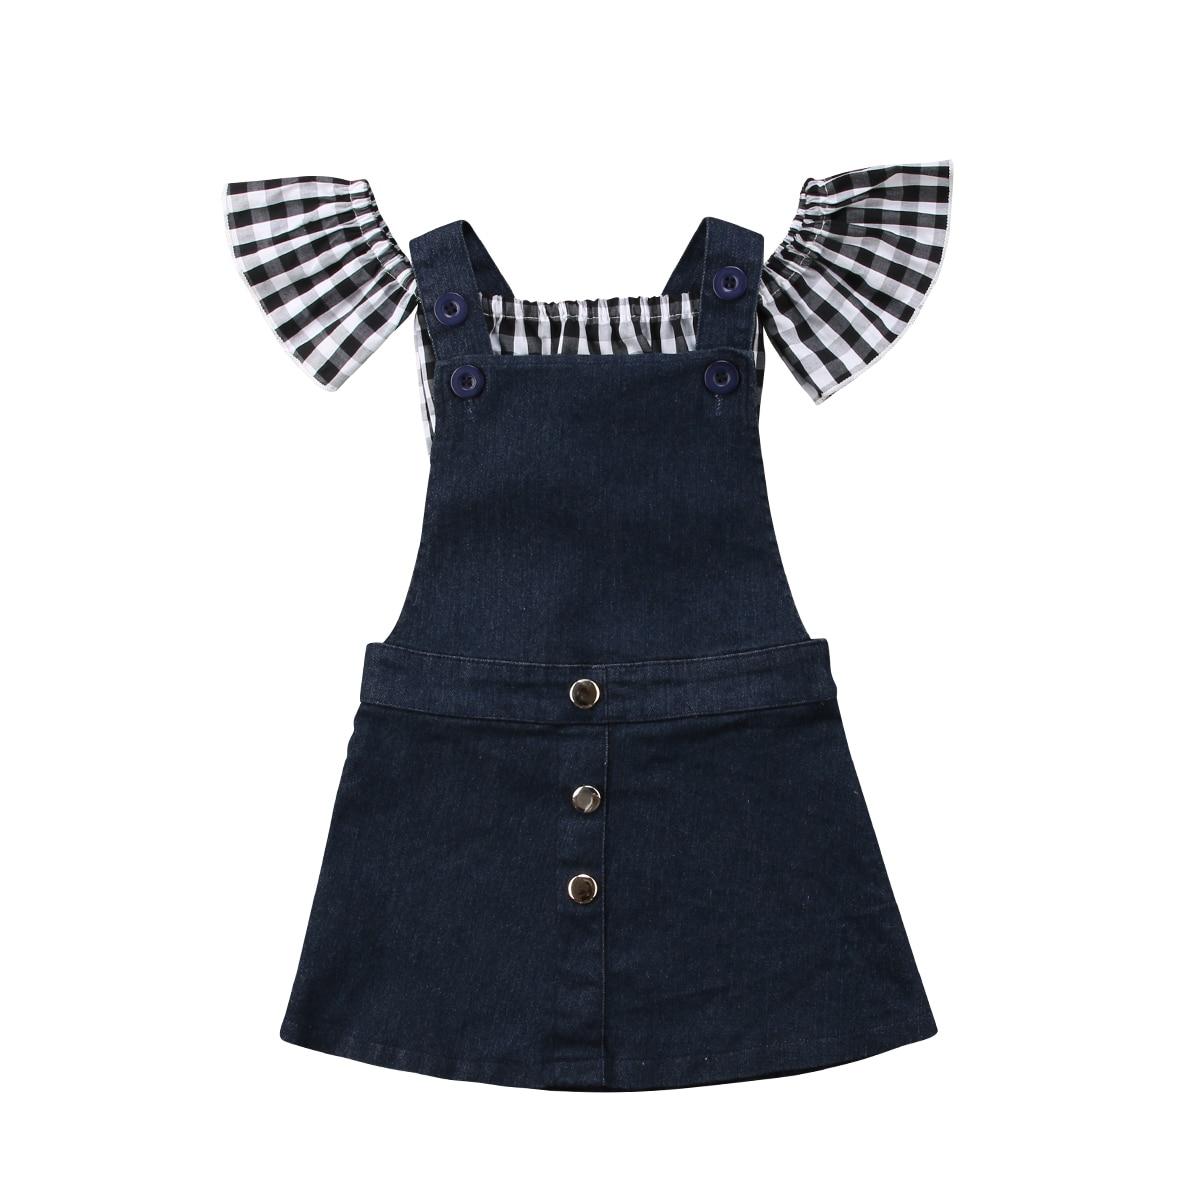 Conjunto de ropa a cuadros para niños pequeños, camisetas con hombros descubiertos, faldas con tiras Demin, conjunto de 2 piezas